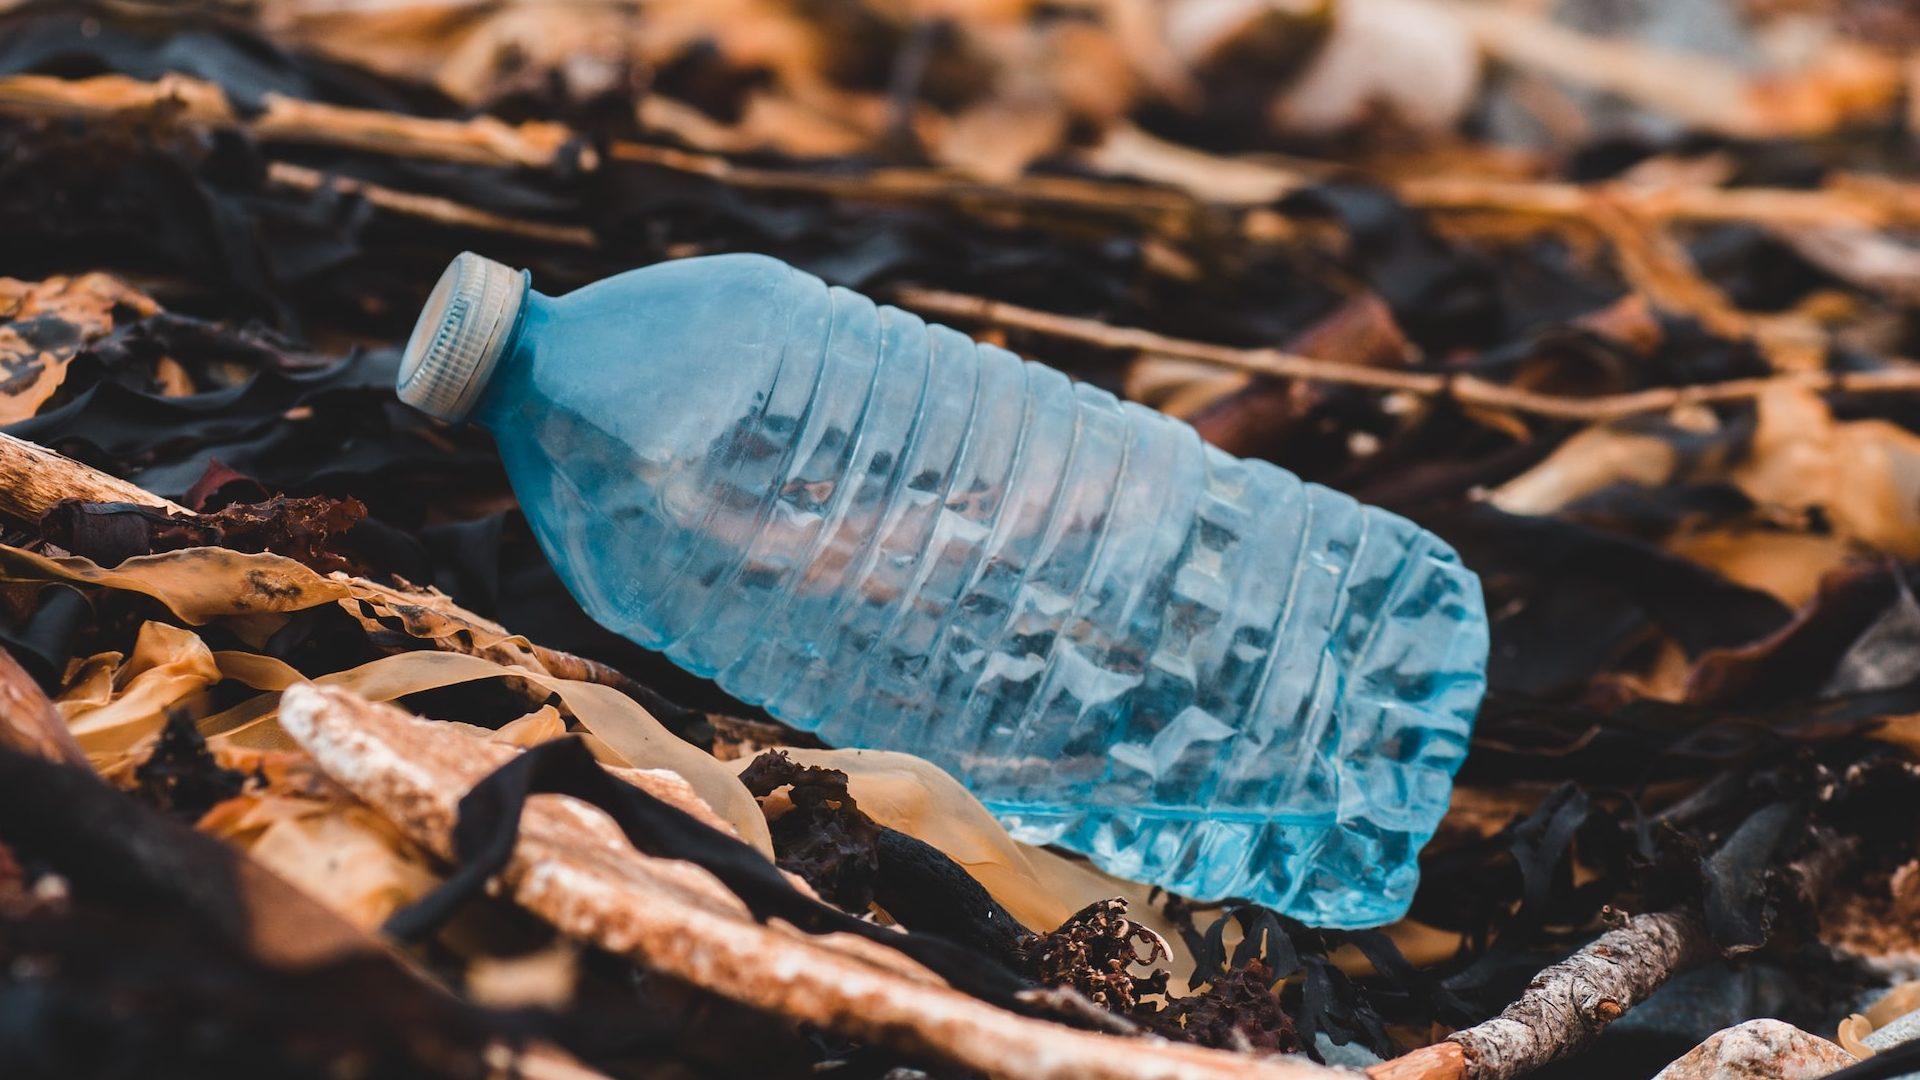 ¿Crees que para limpiar una playa solo basta con recoger el plástico?